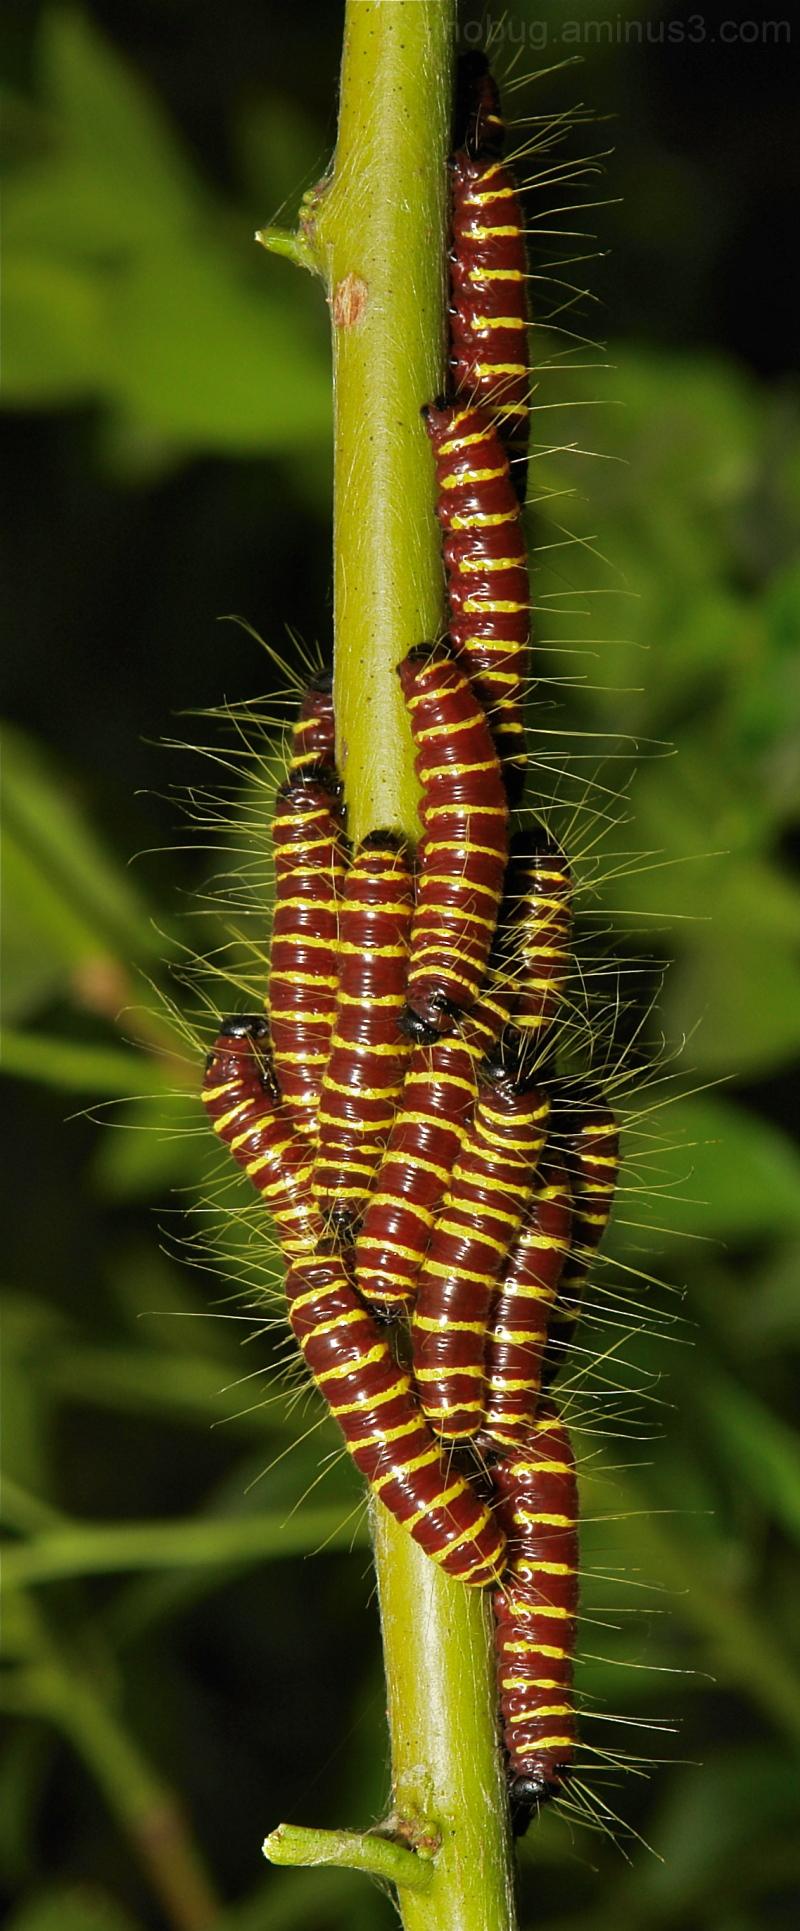 Redbase Jezebel Delias pasithoe Pieridae larva